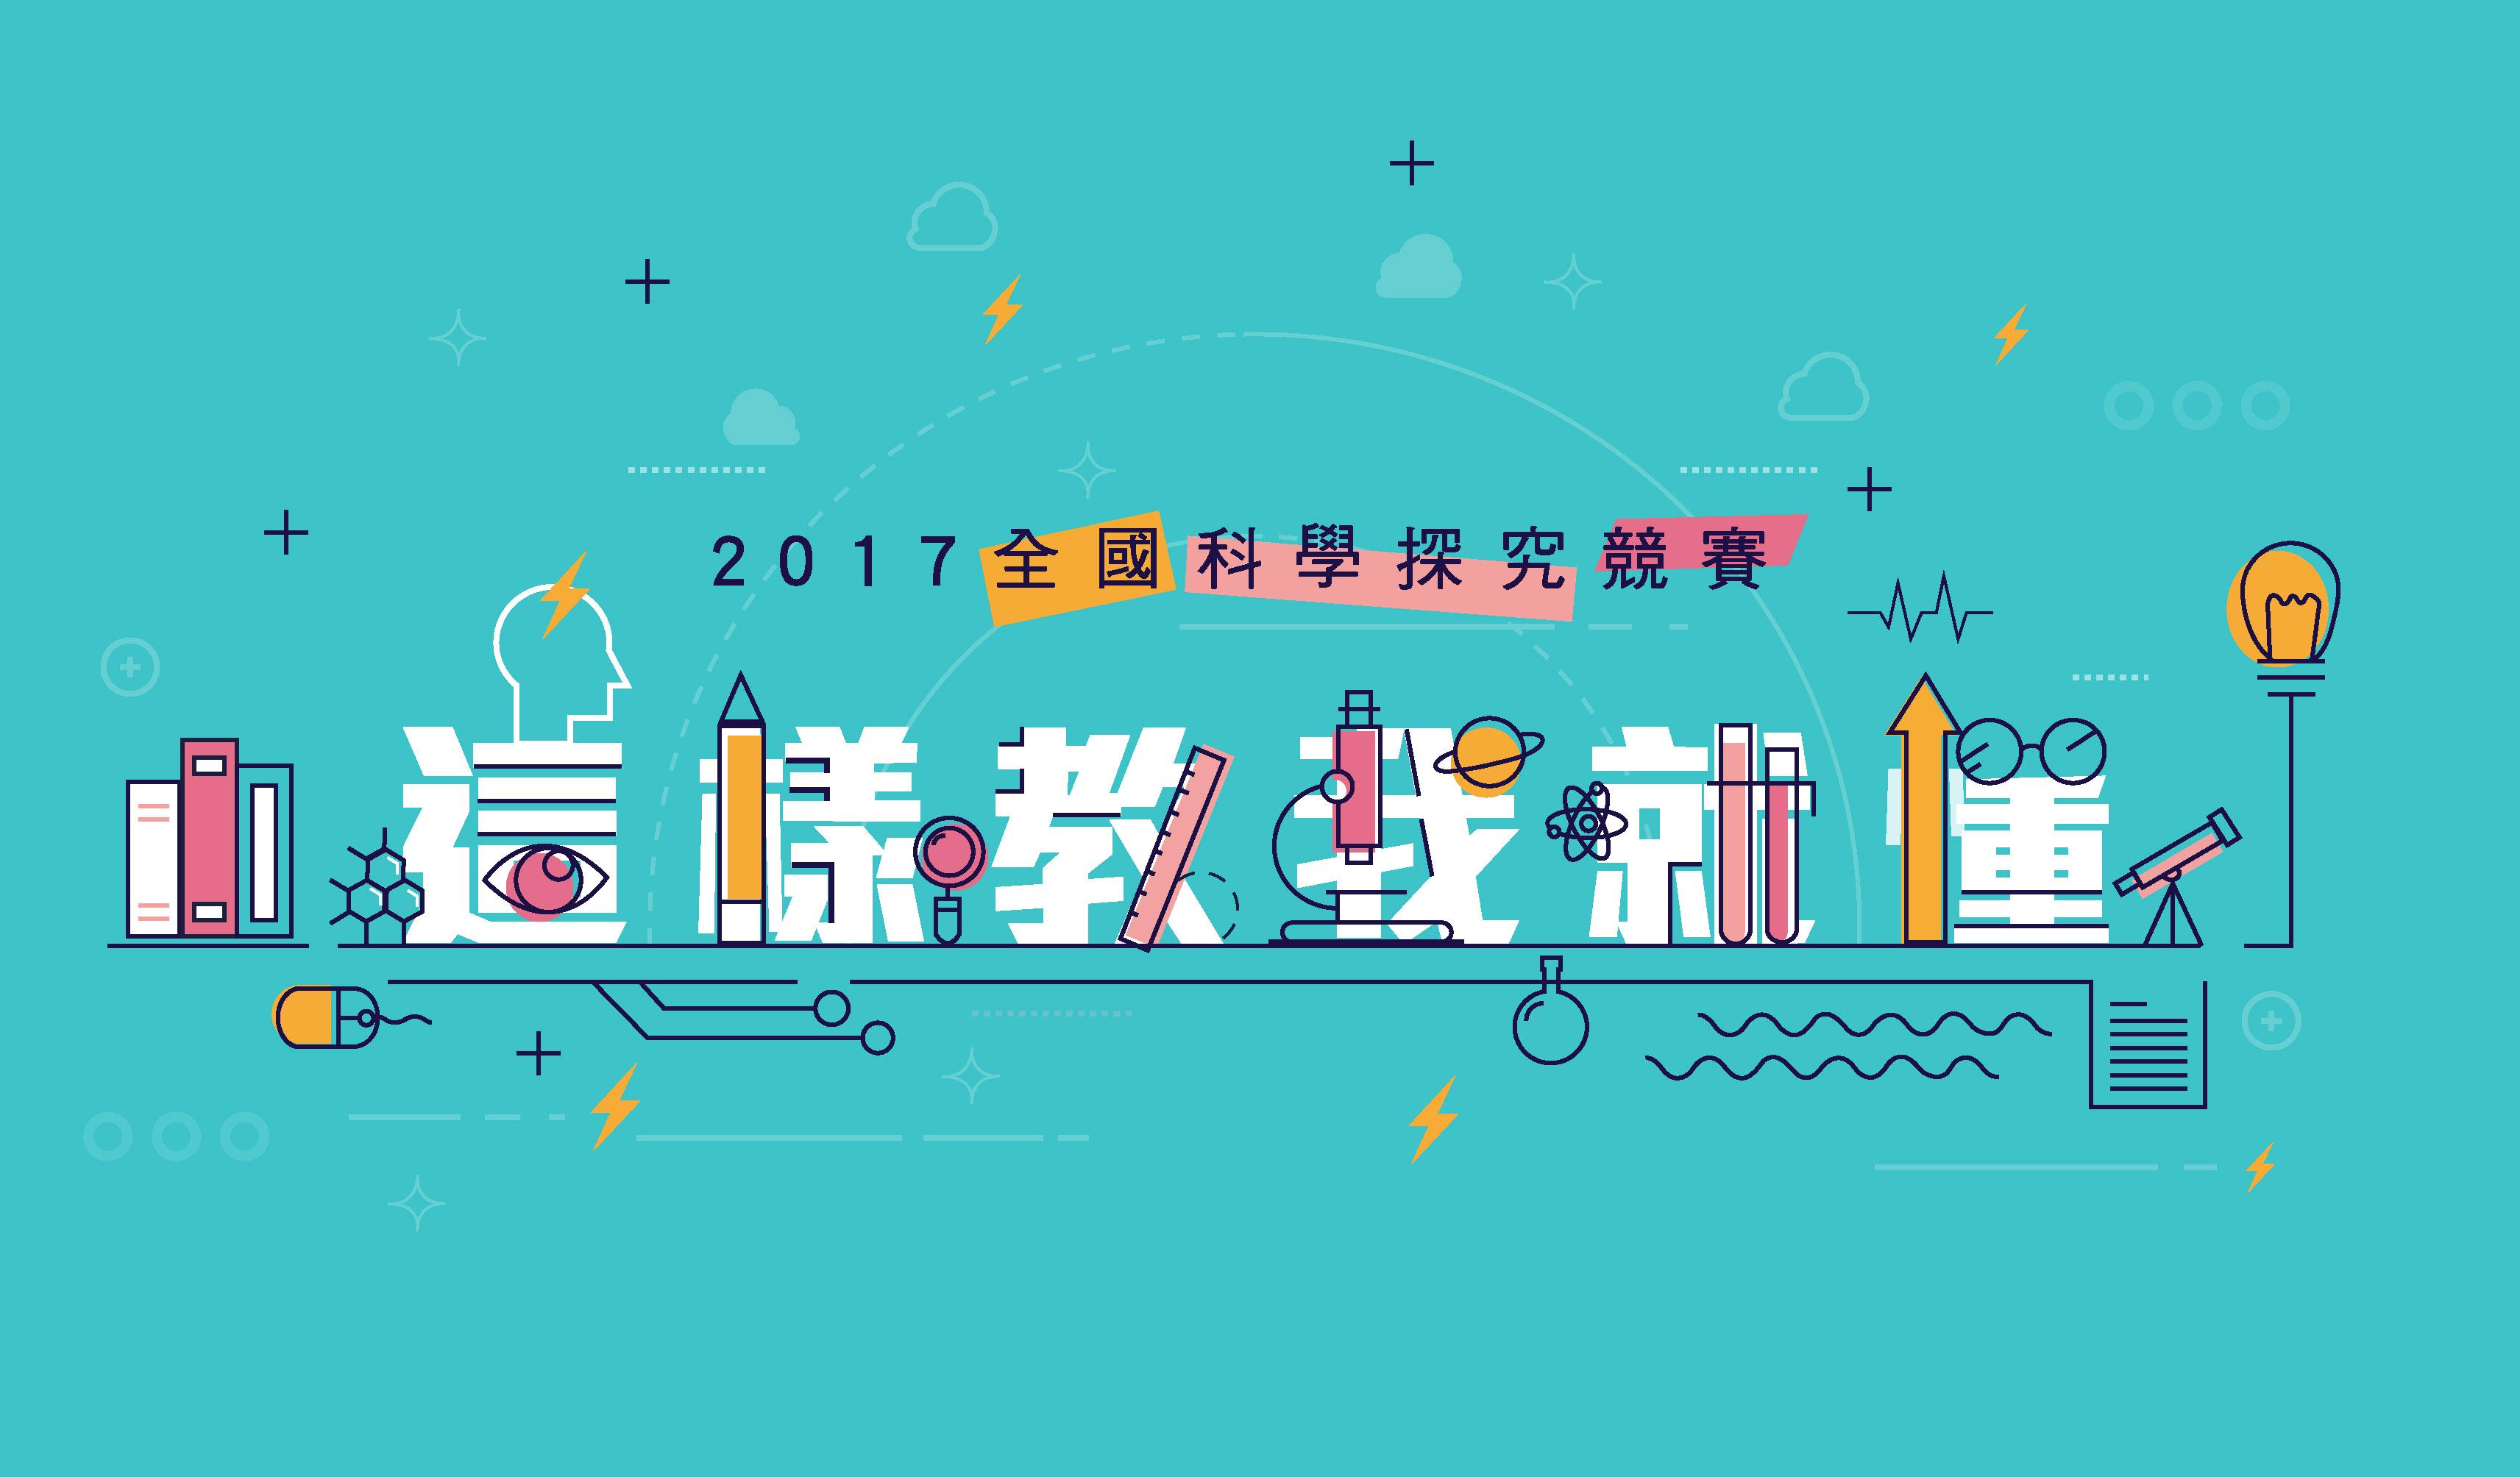 2017全國科學探究競賽